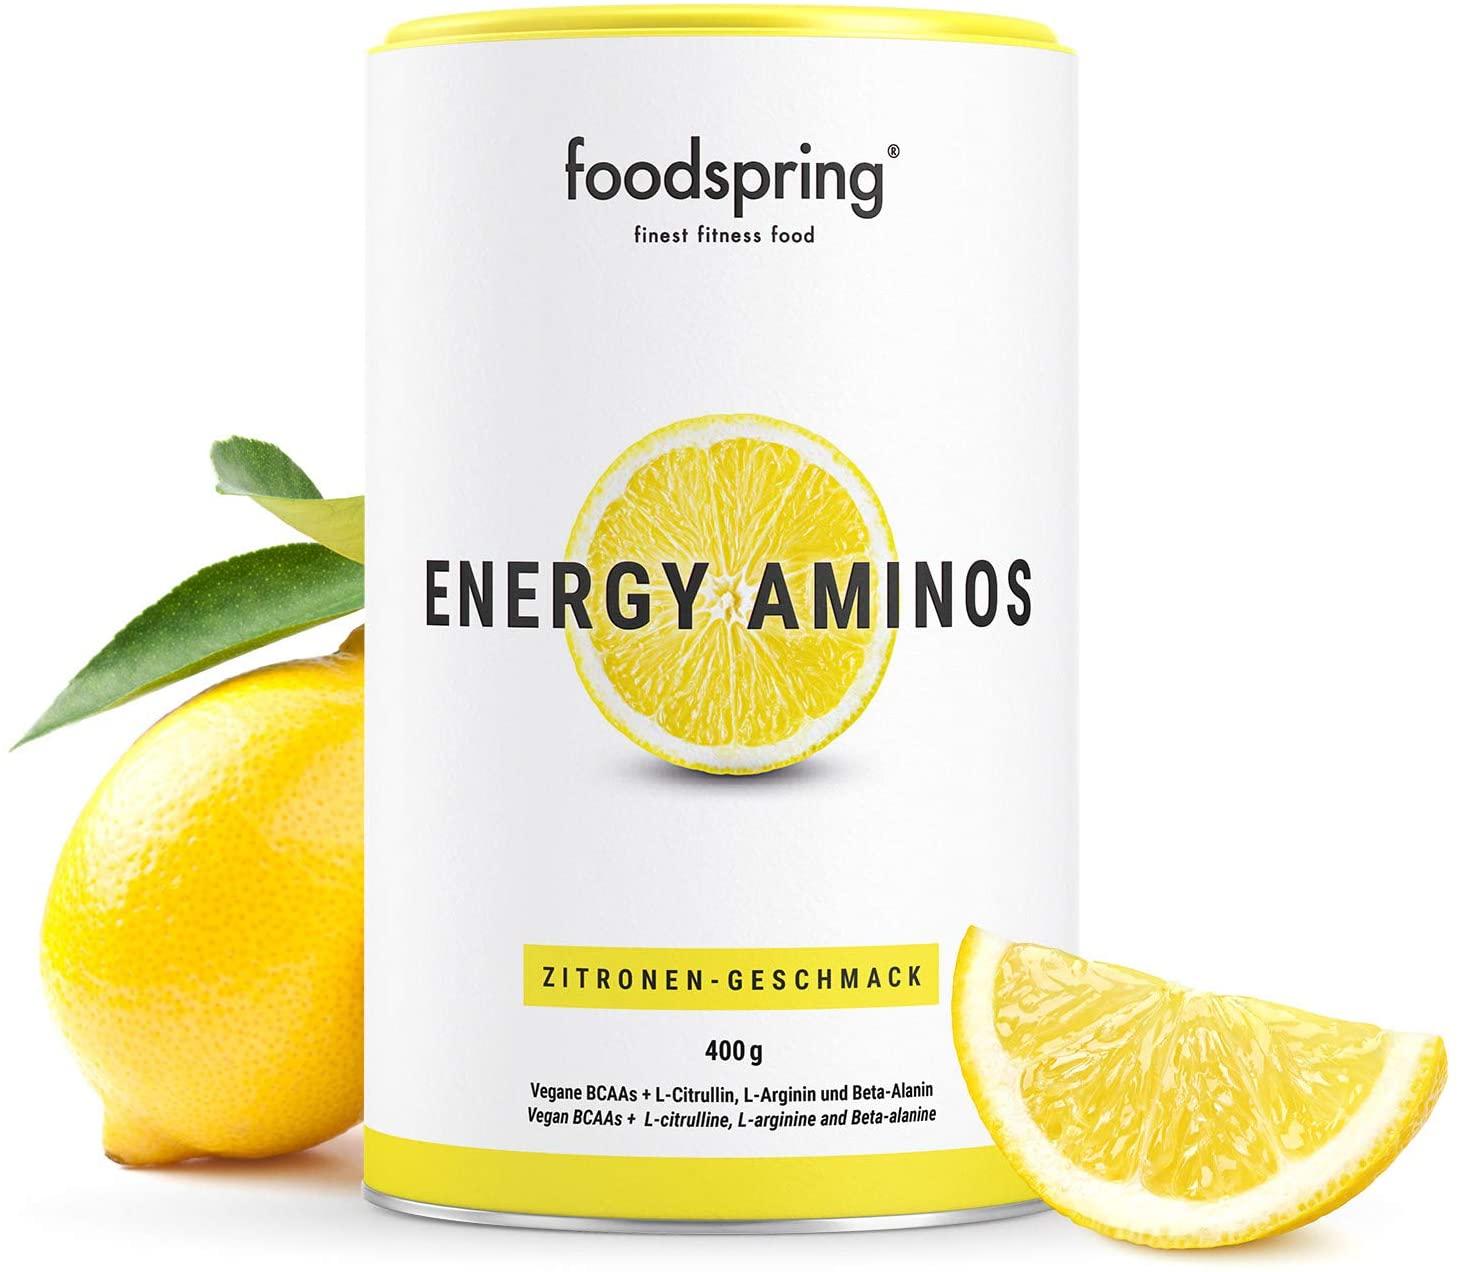 Energy Aminos de Foodspring